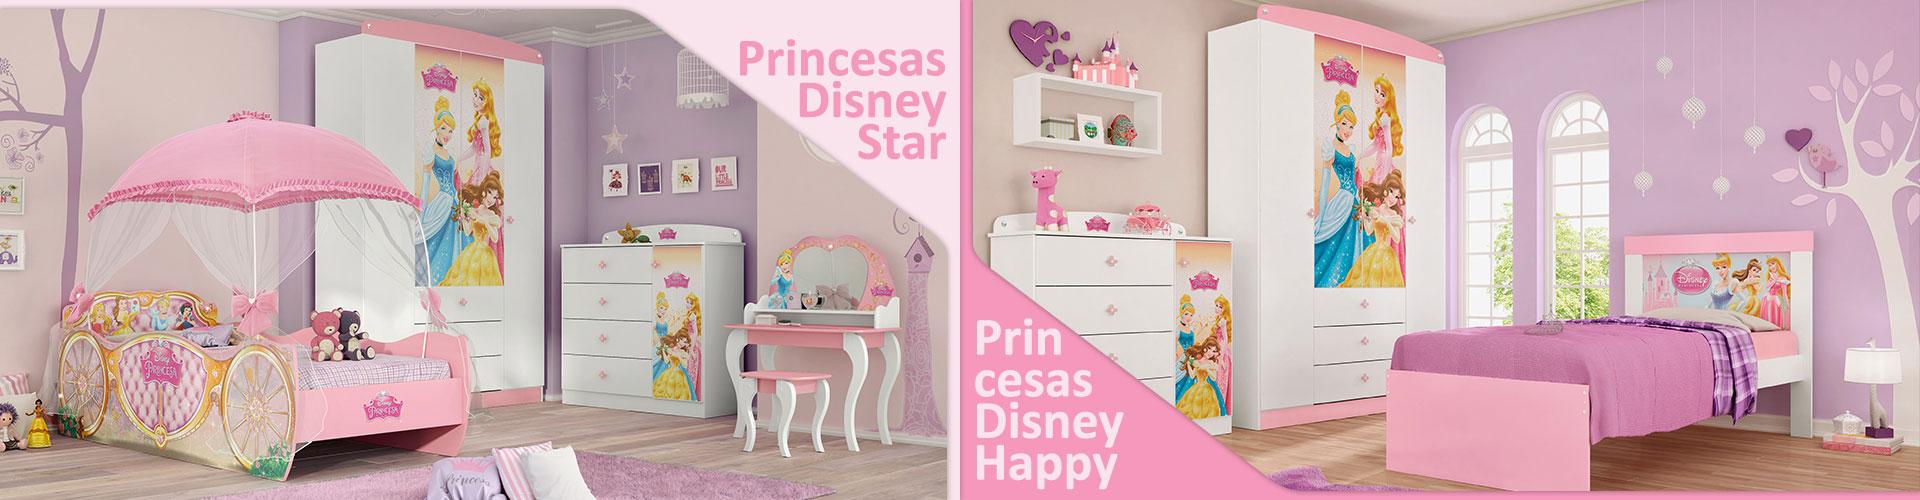 banner_meninas_princesas-star_happy